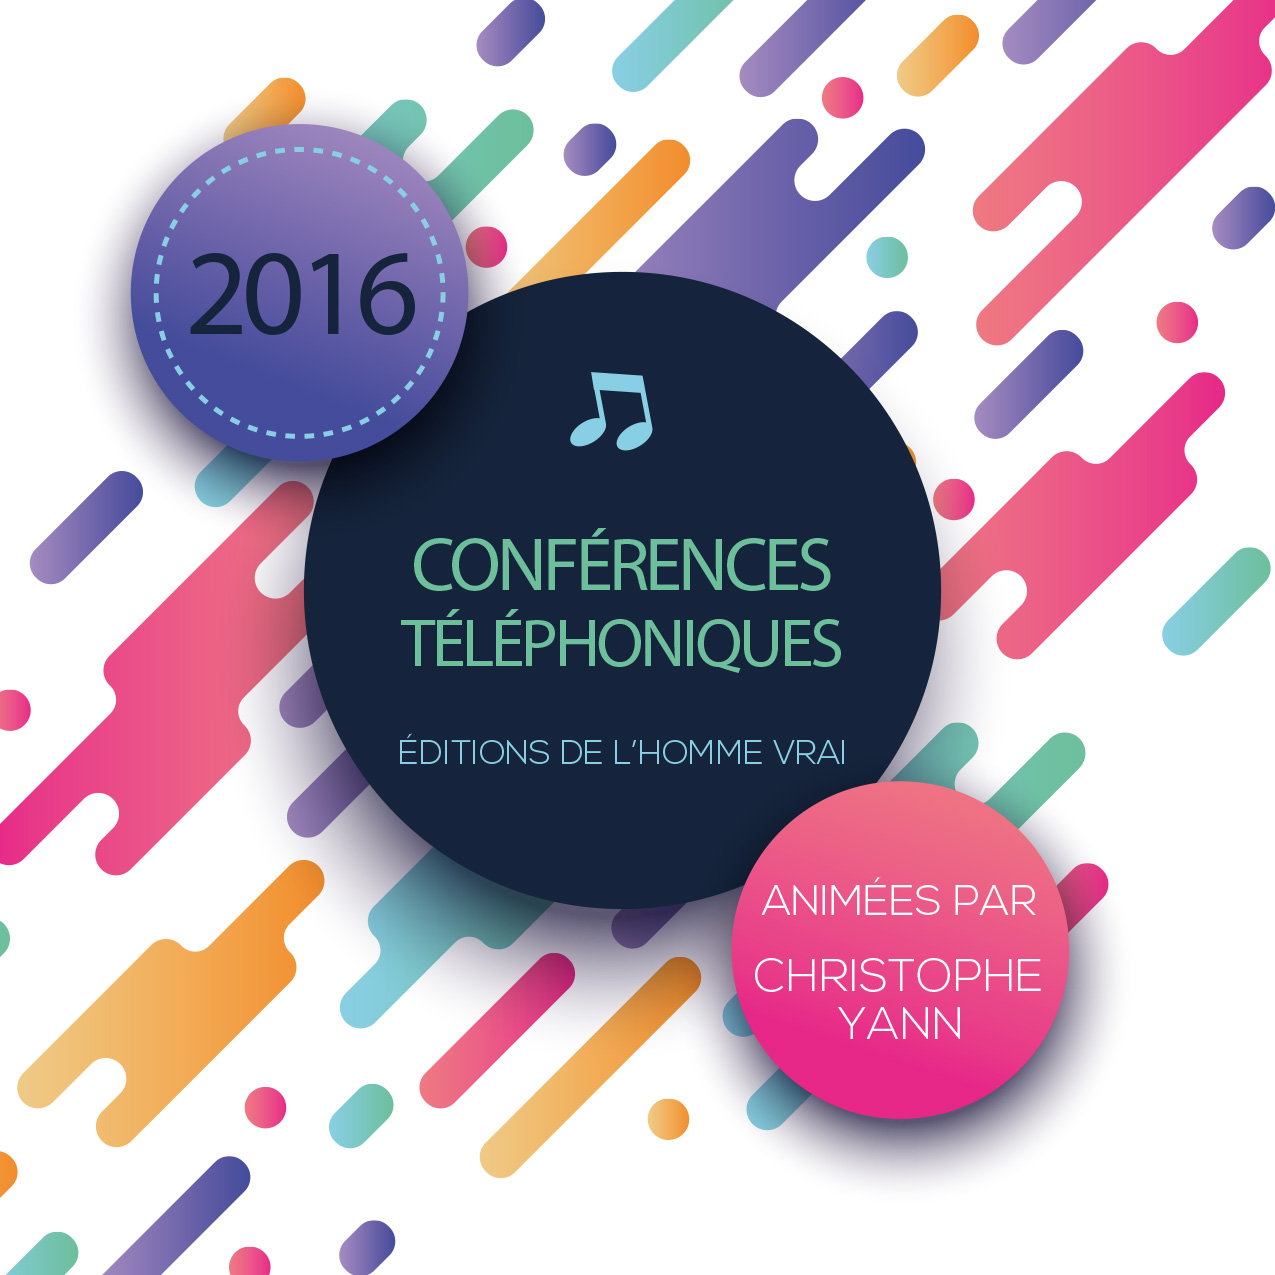 CONFERENCES 2016